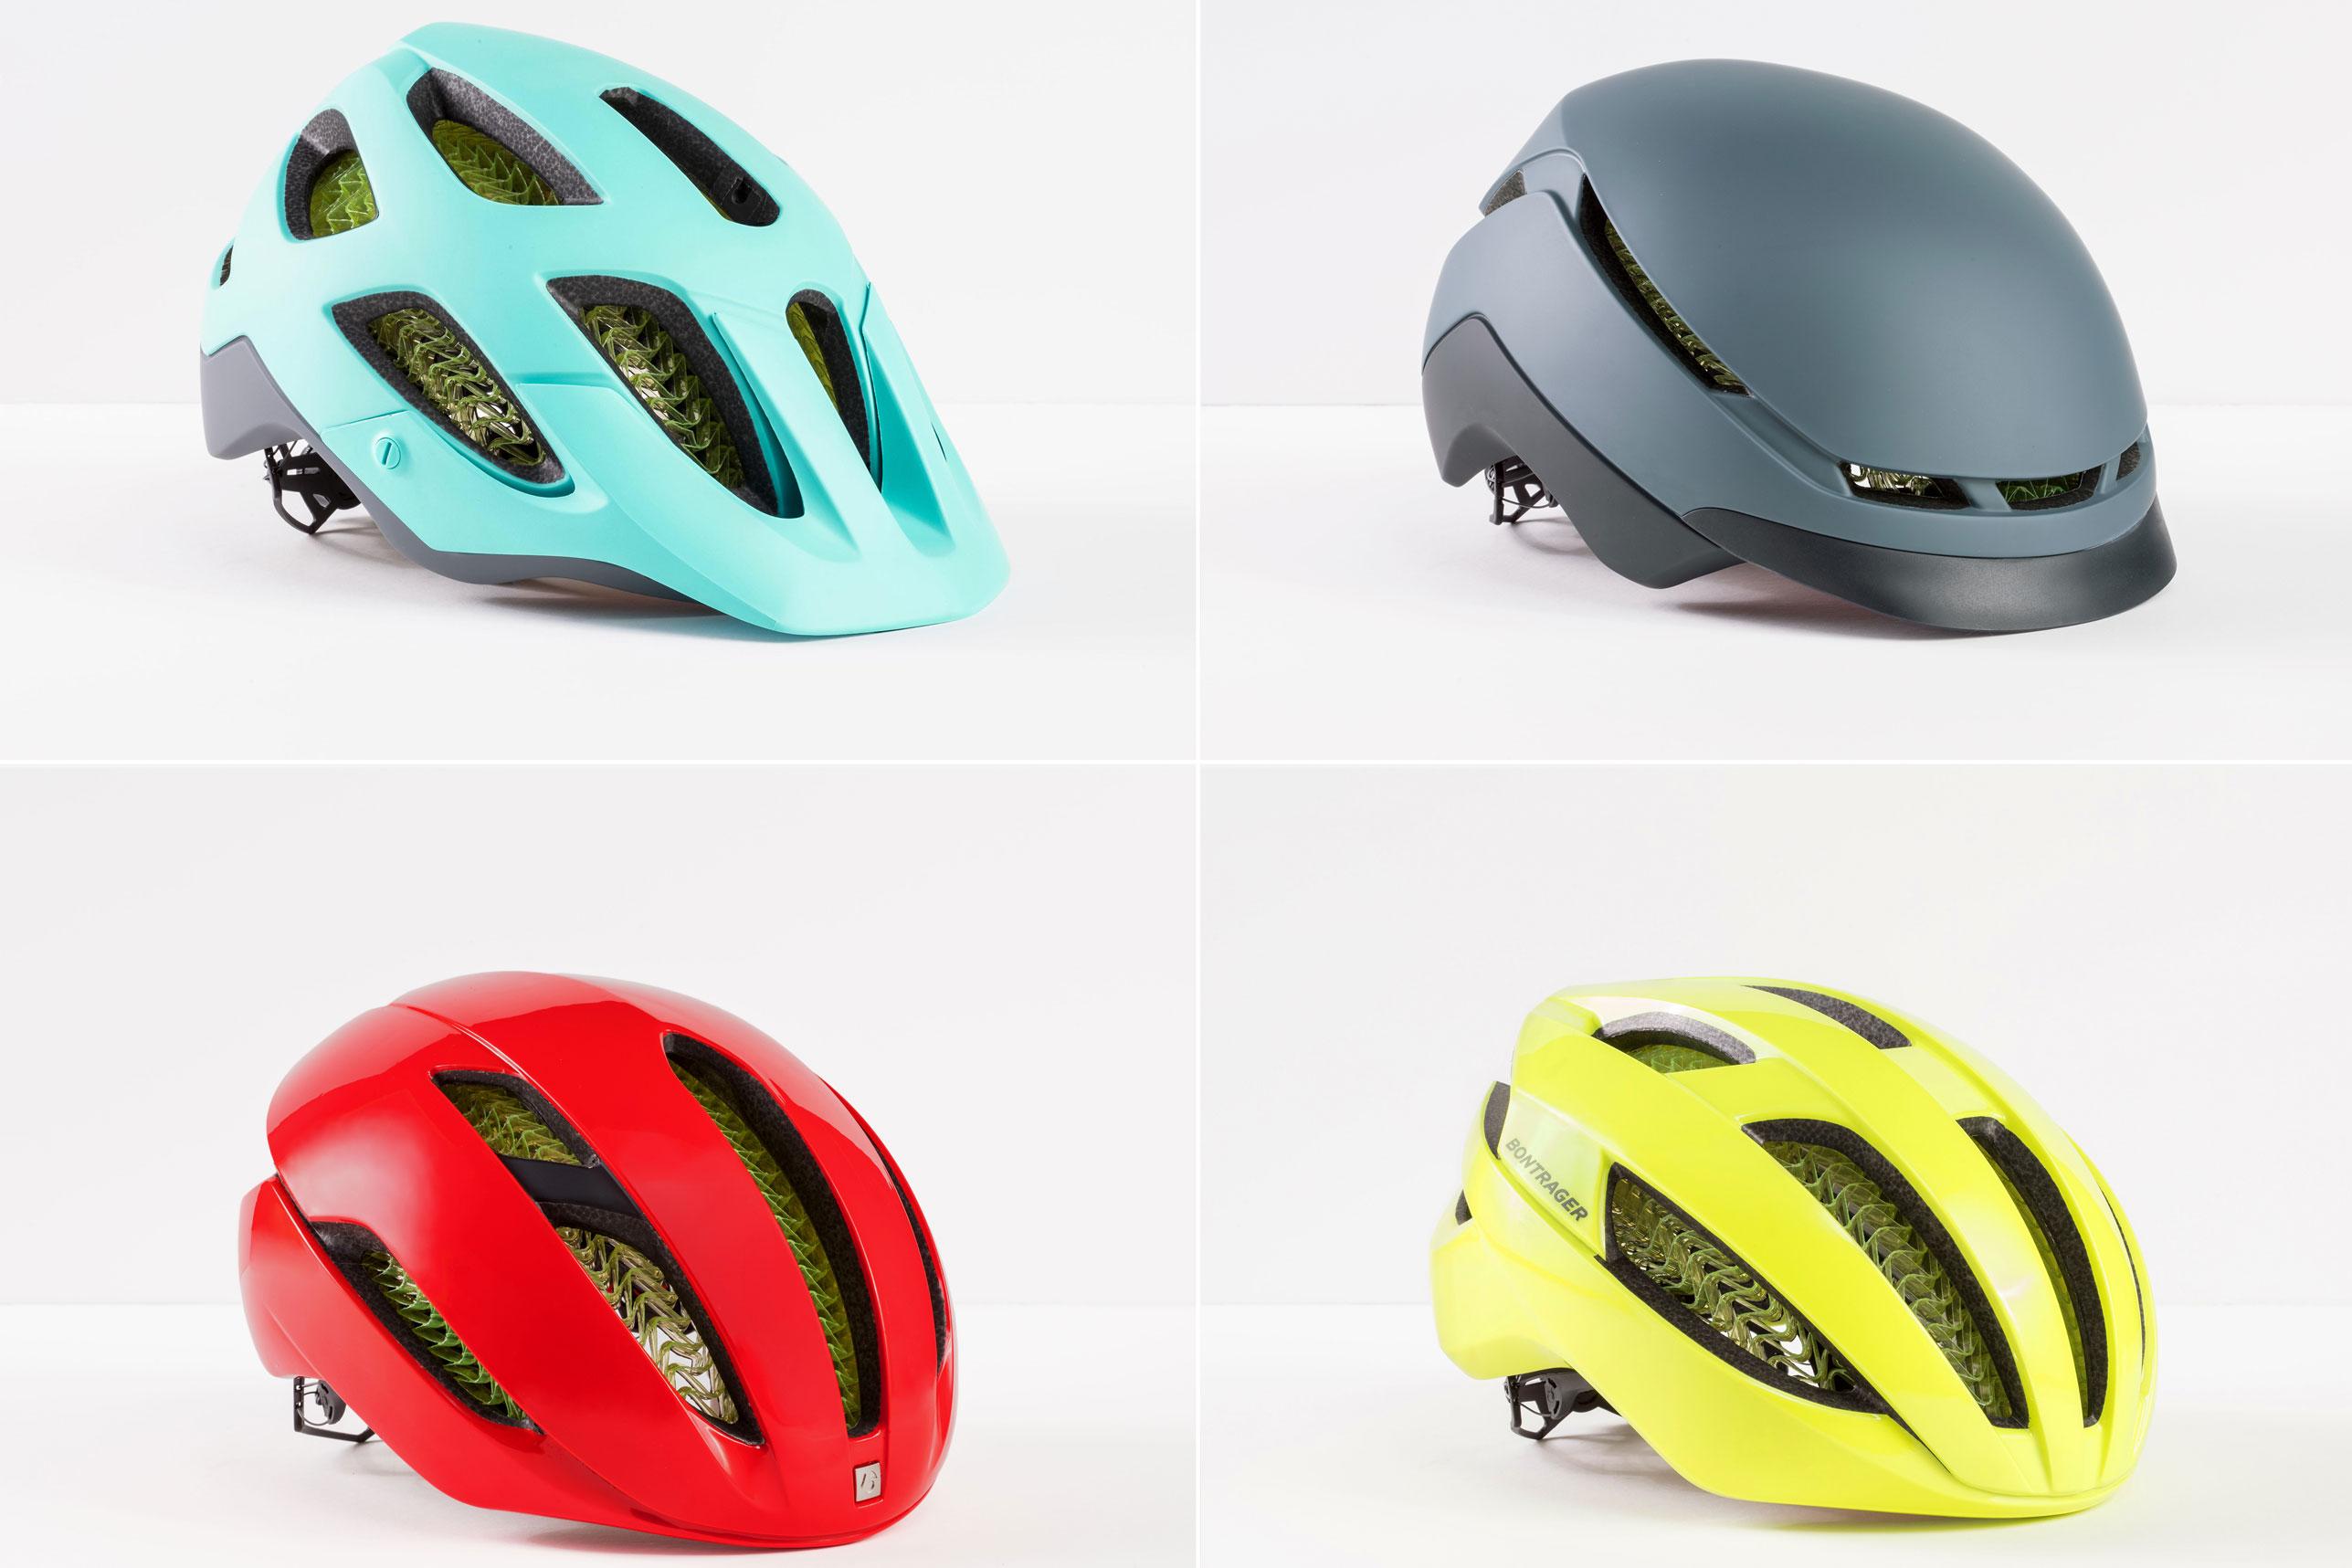 Four Bontrager WaveCel helmets